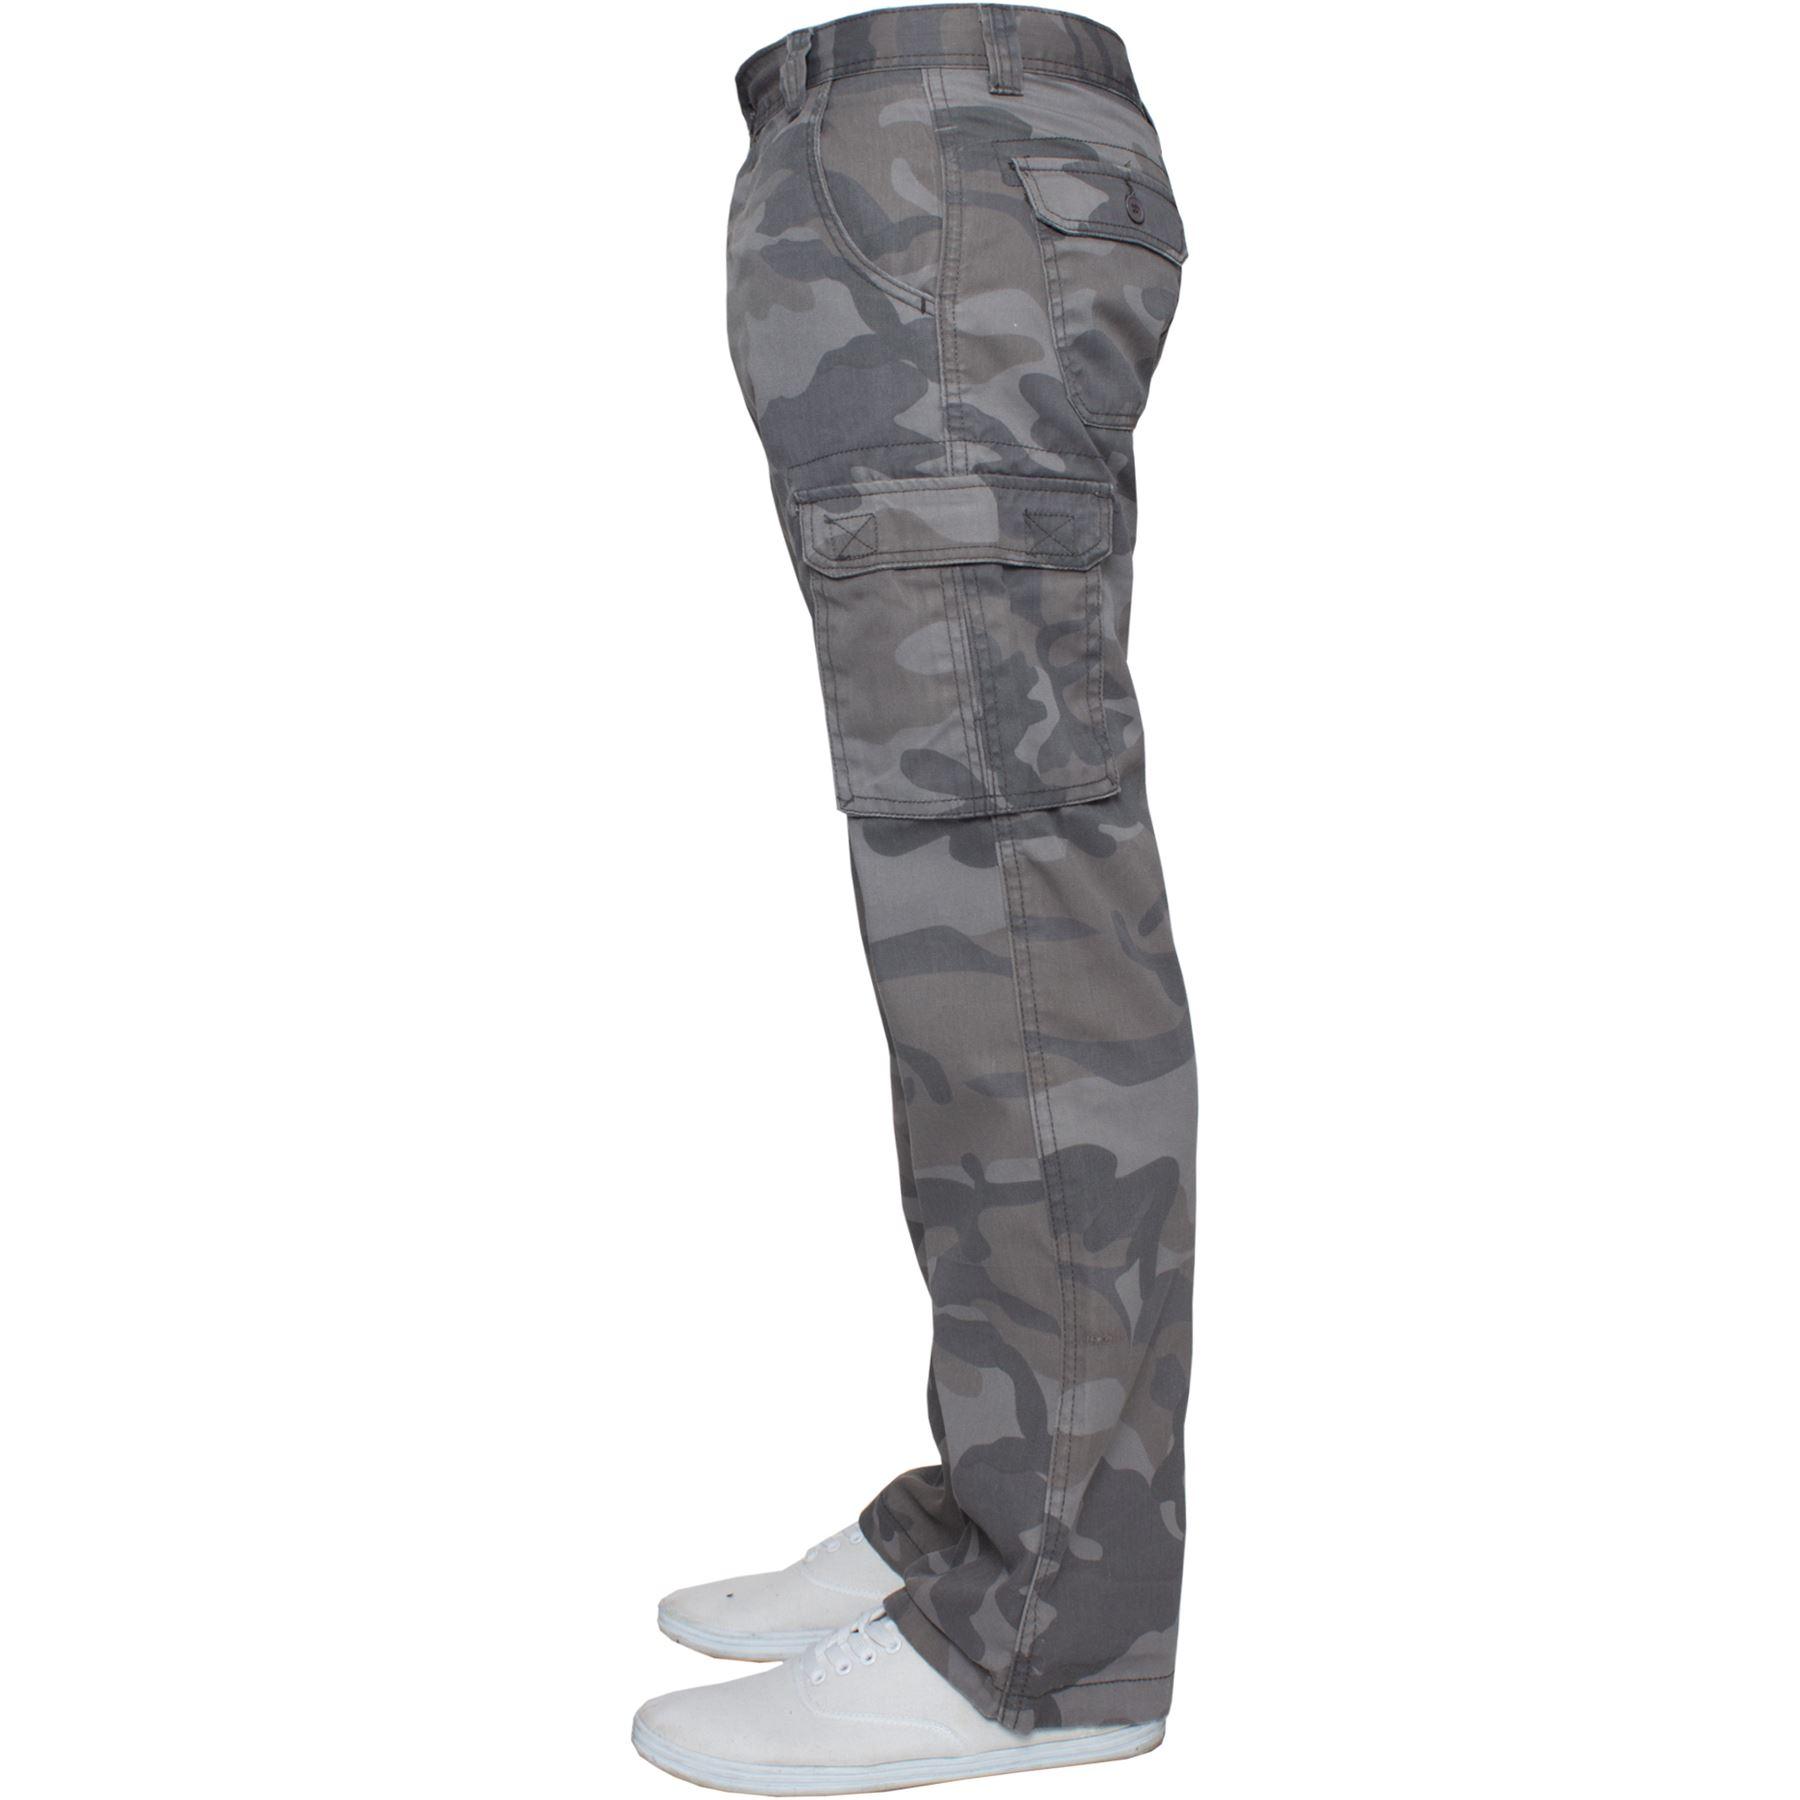 Kruze-Uomo-Militare-Pantaloni-Camouflage-Cargo-Mimetico-Casual-Lavoro miniatura 11